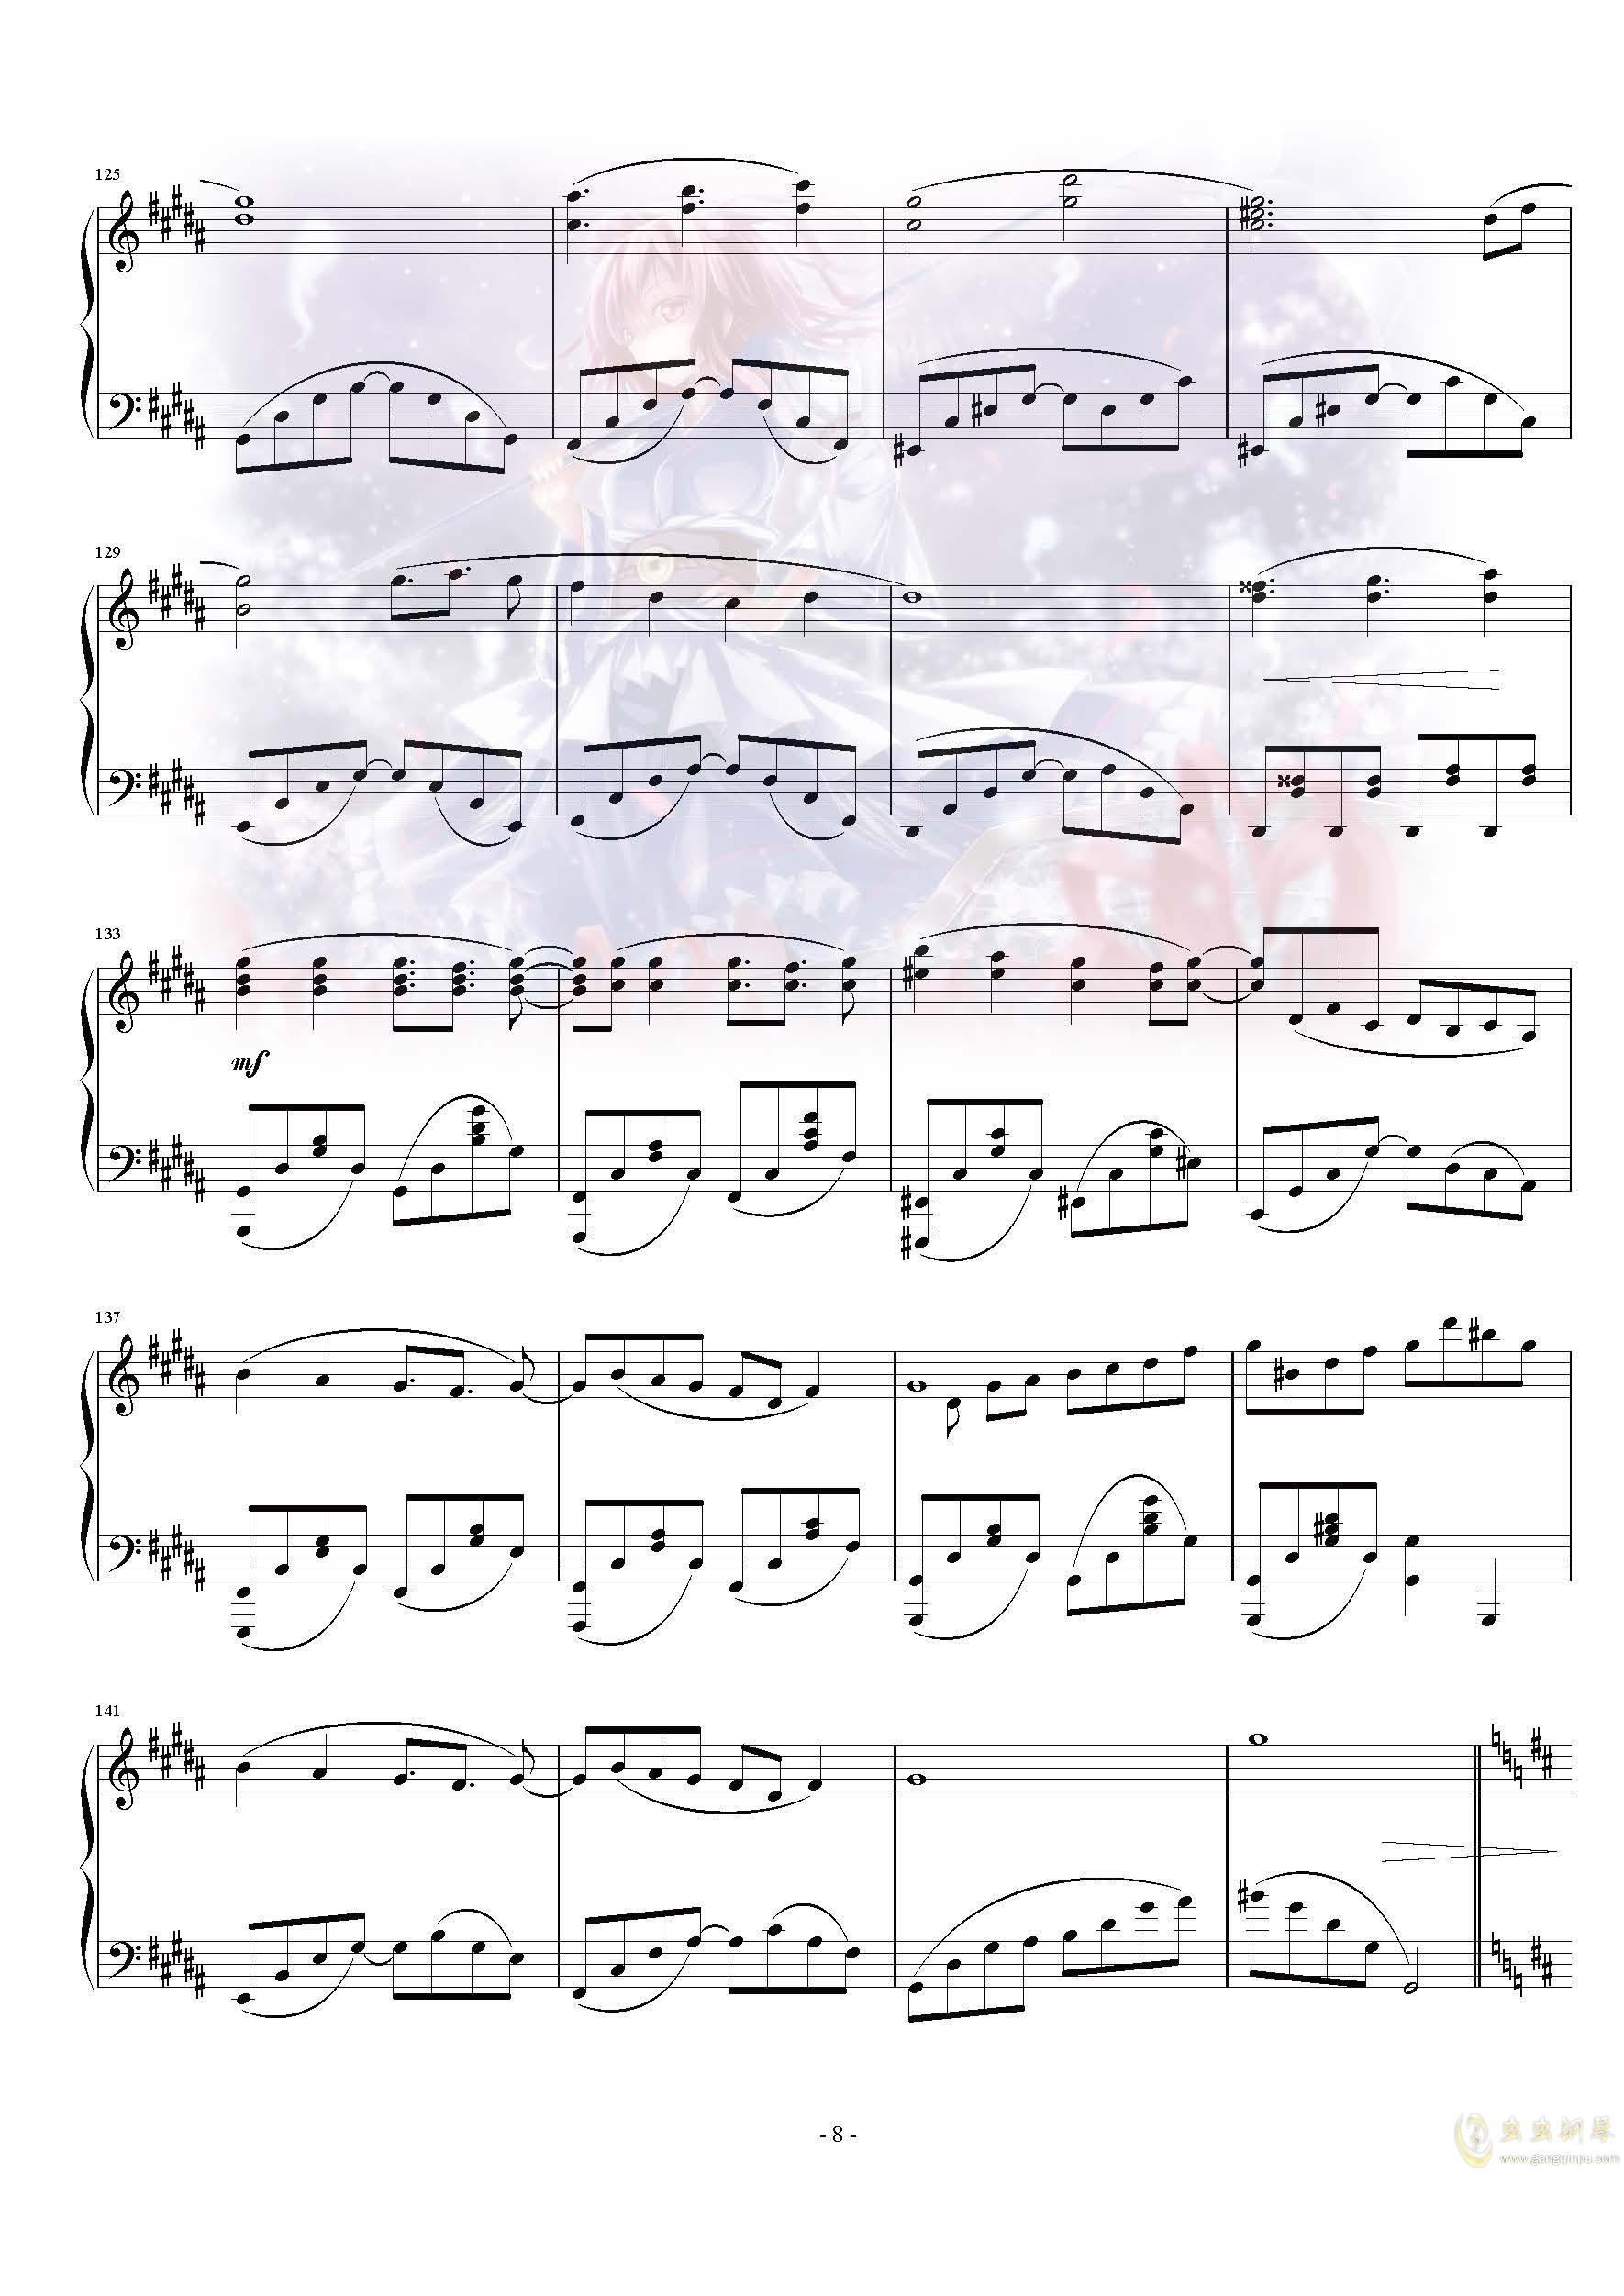 华鸟风月钢琴谱 第9页